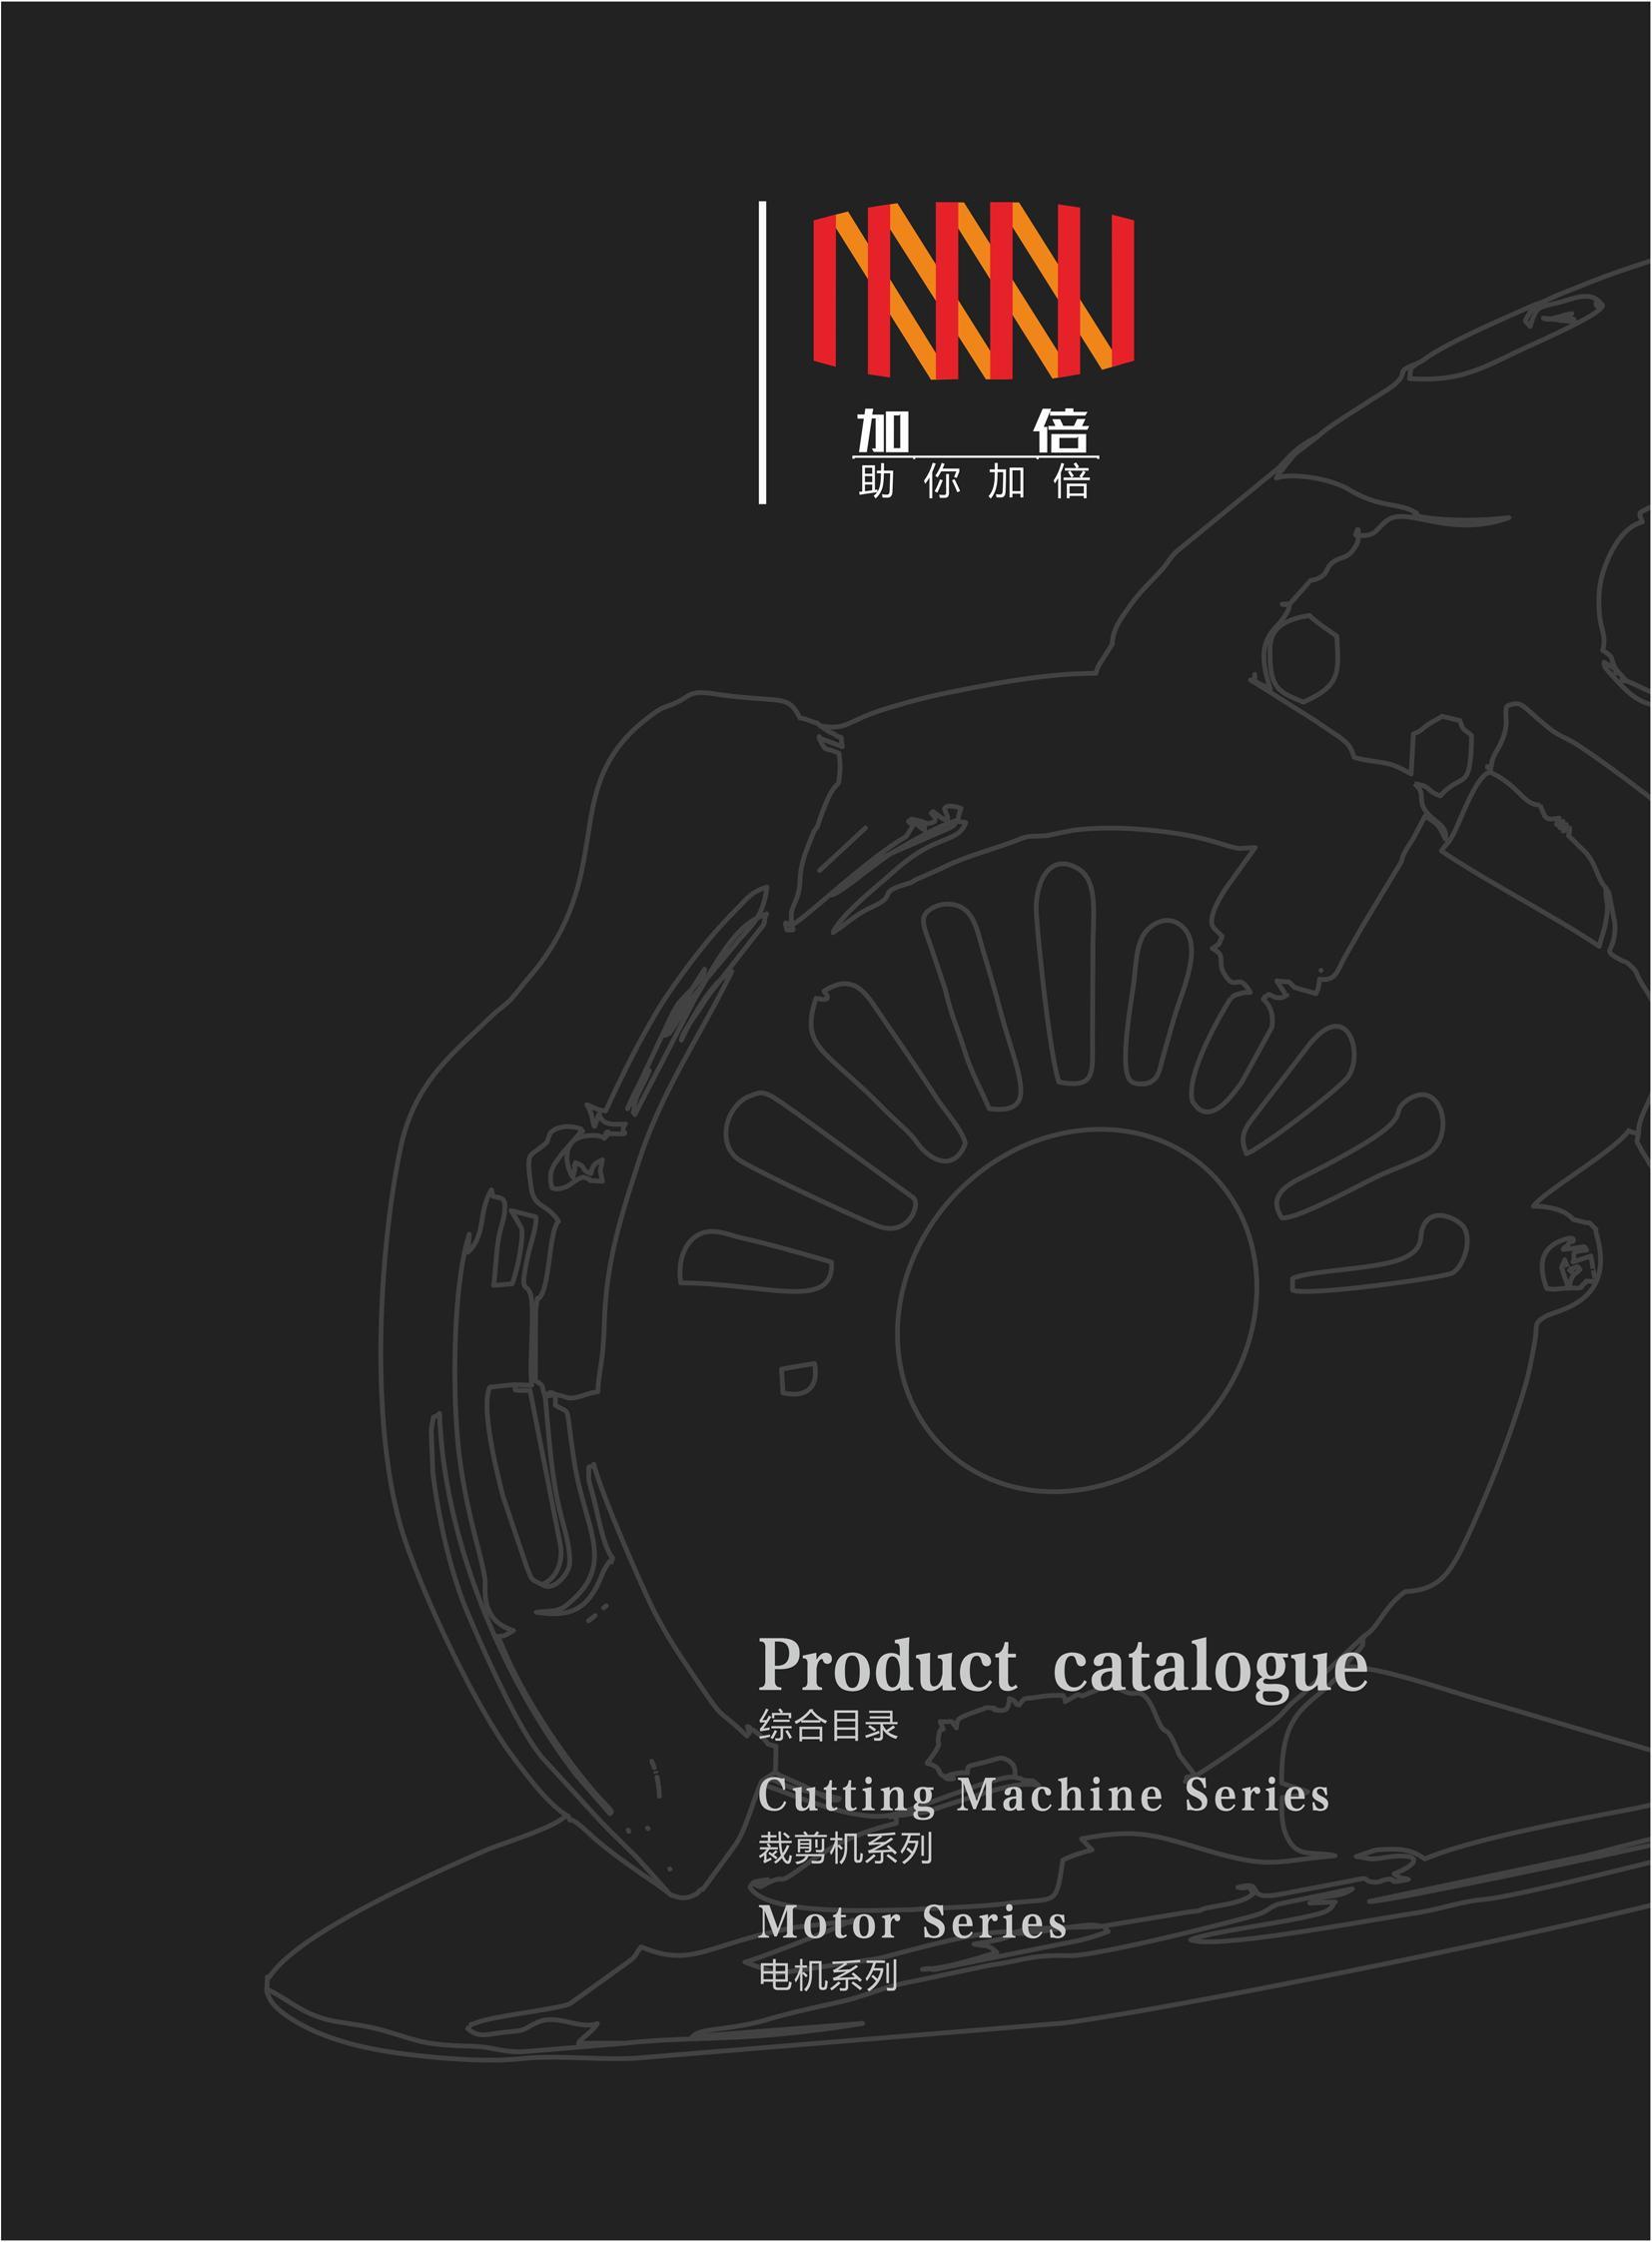 丽水几物科技综合产品画册